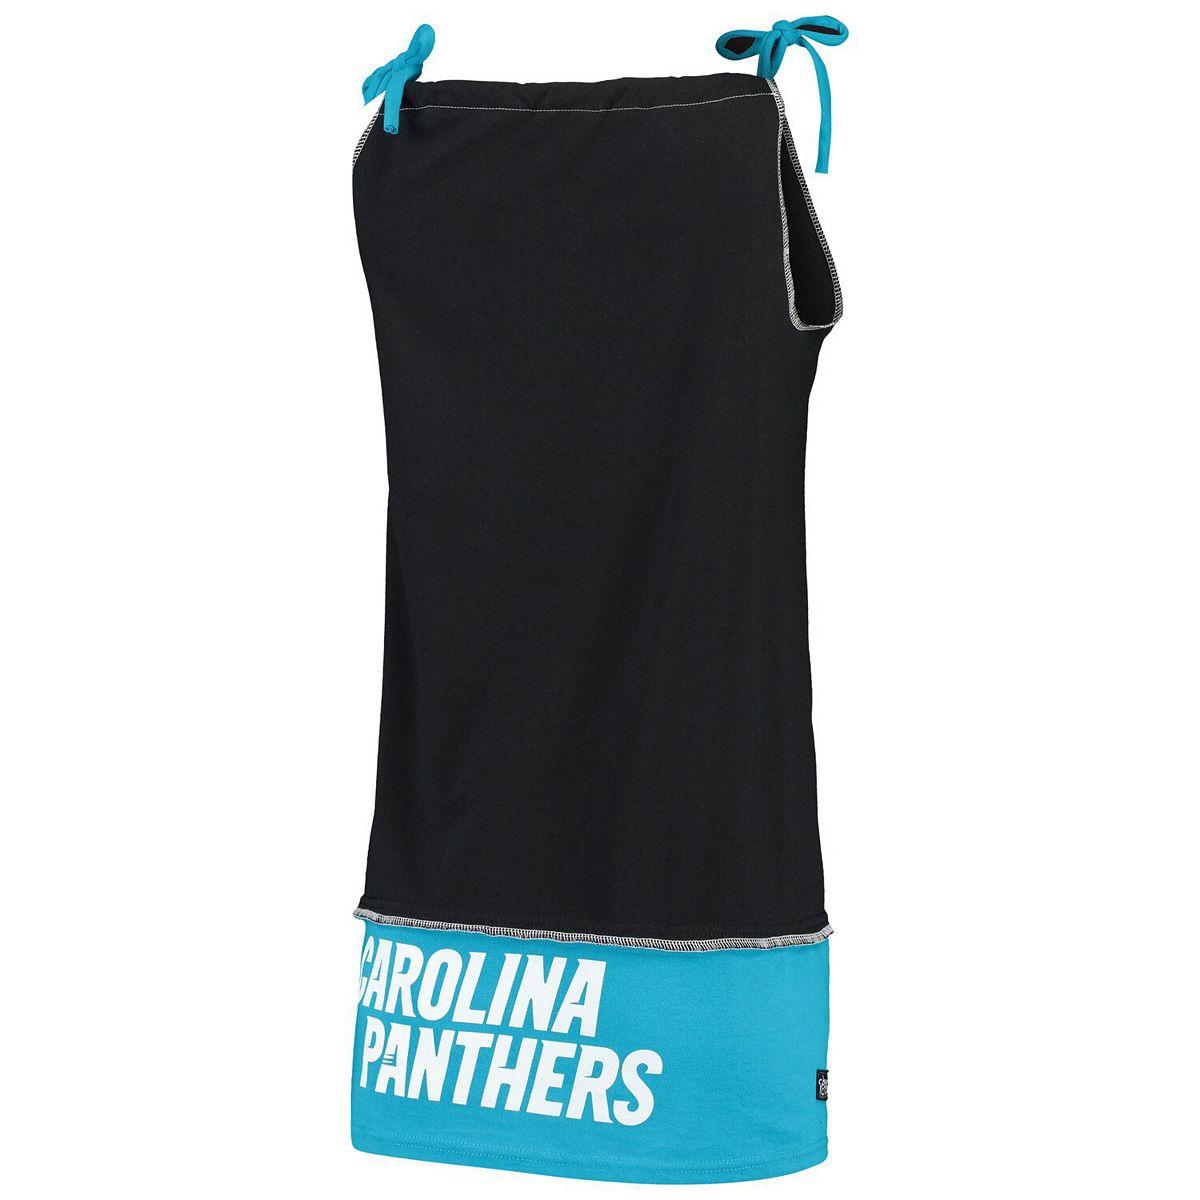 Women's Refried Tees Black Carolina Panthers Vintage Tank Dress Bqaje